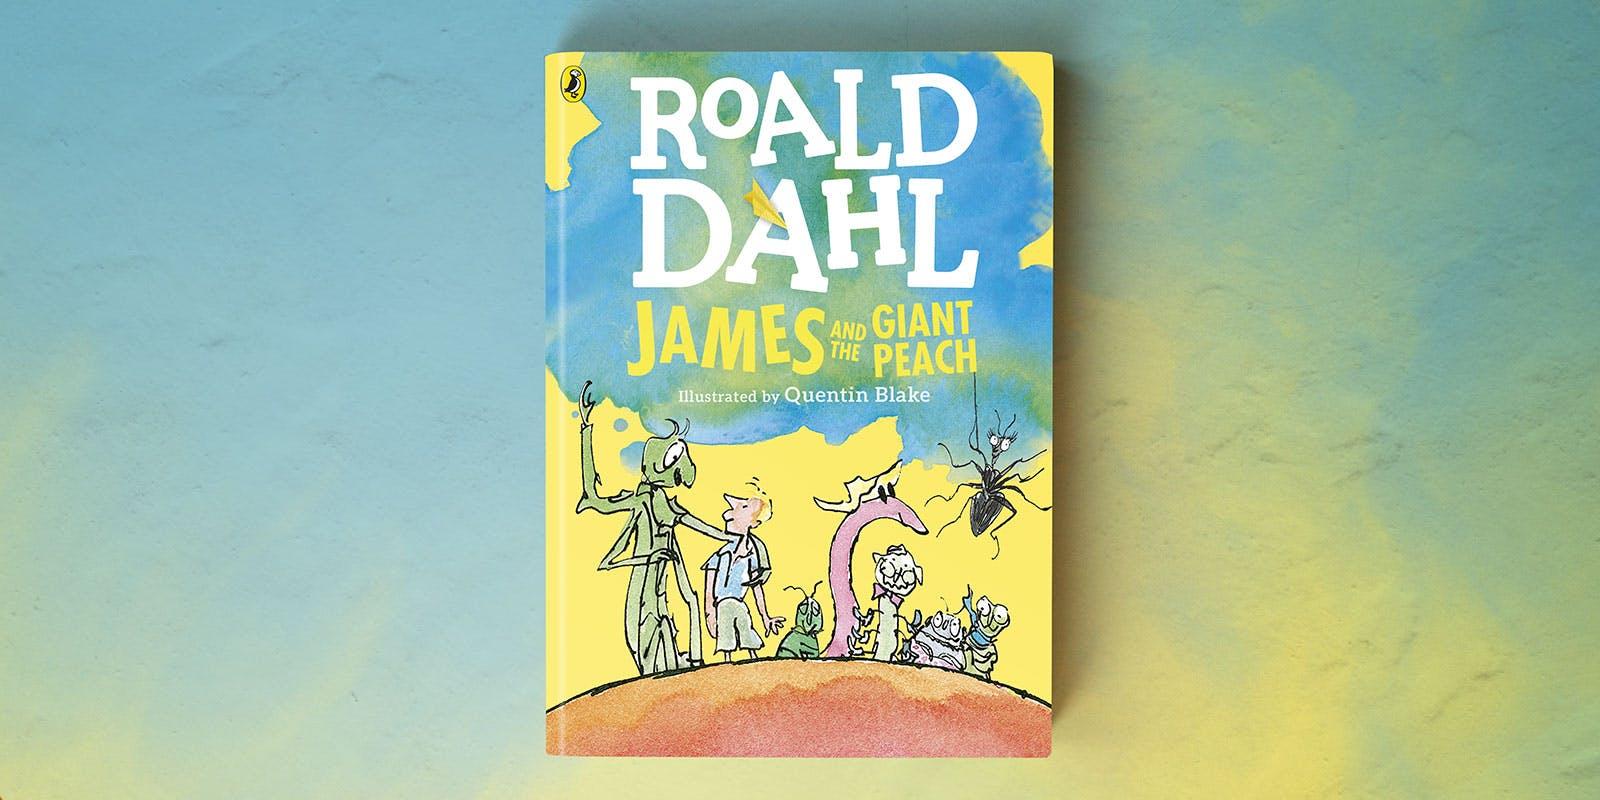 Roald Dahl party pack